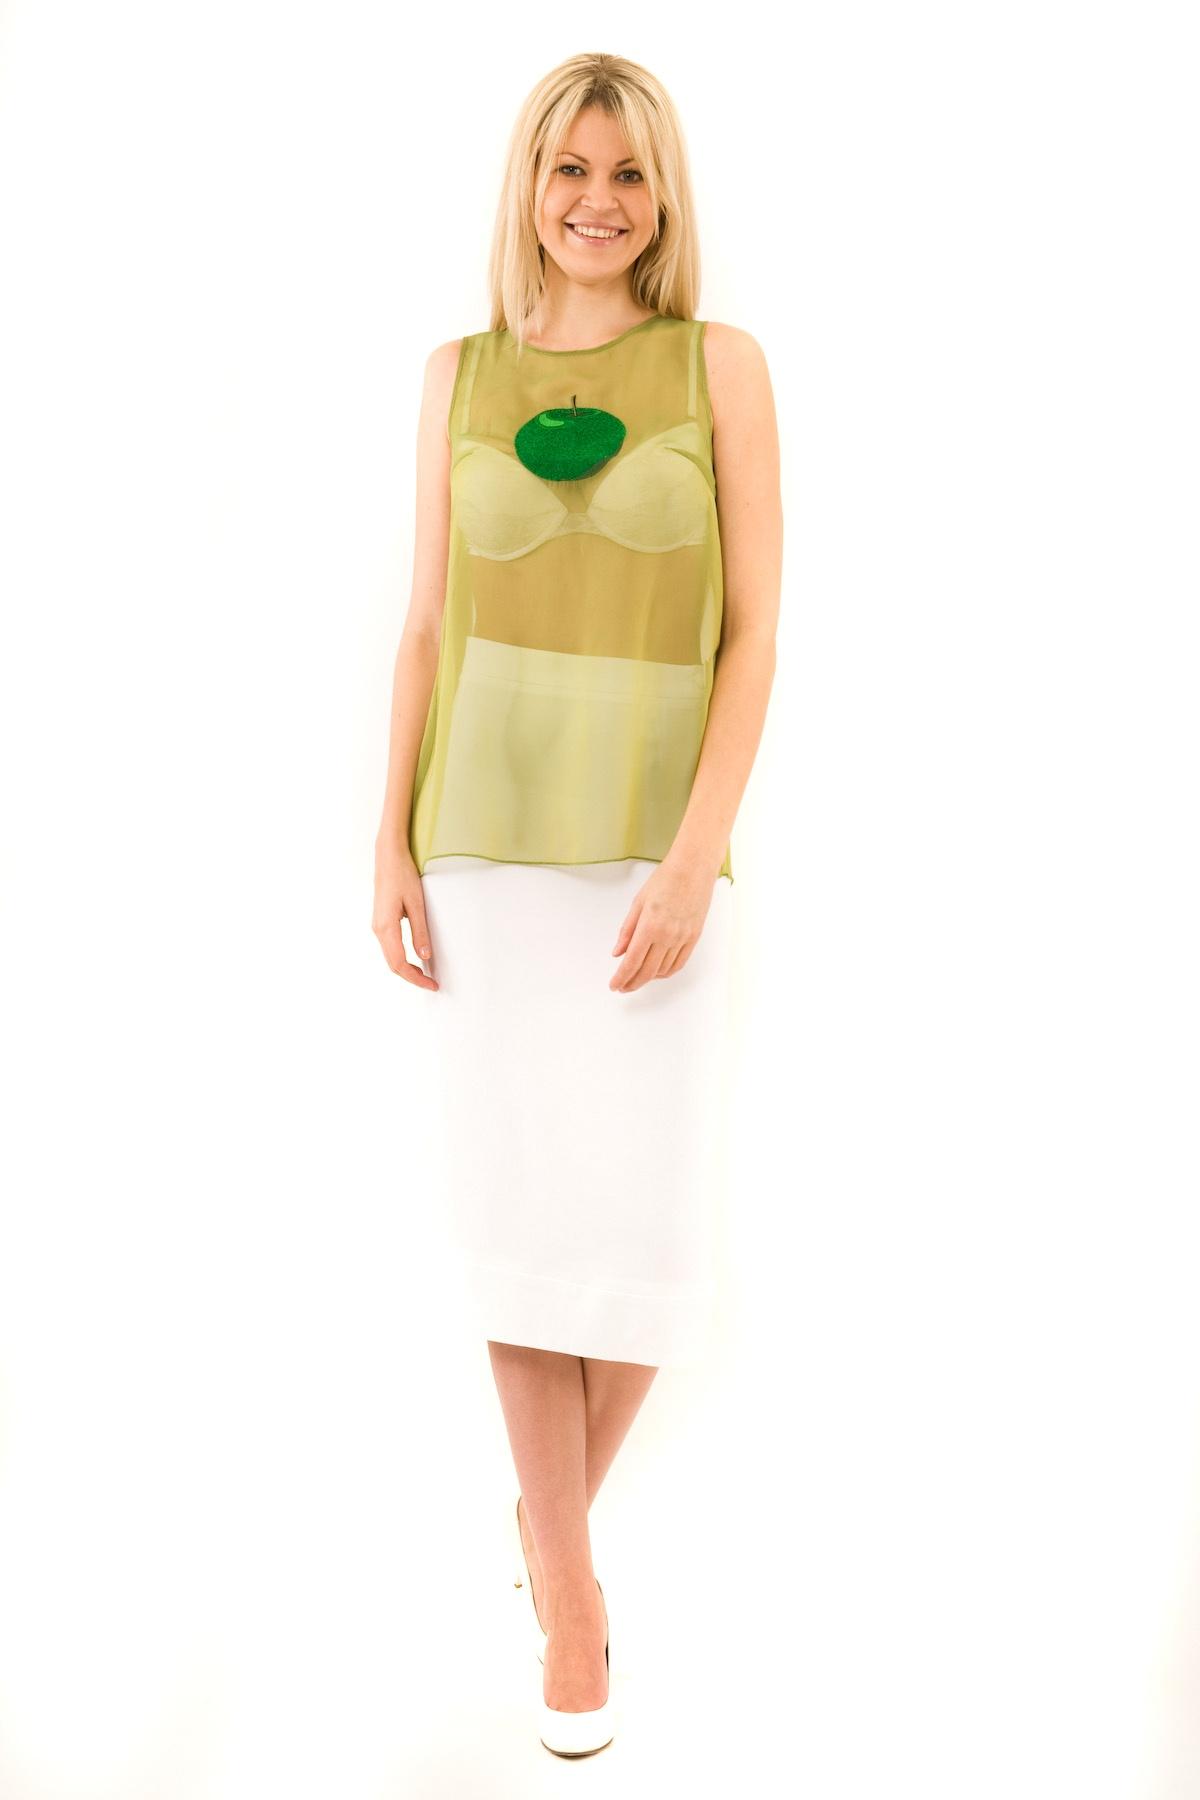 БлузаЖенские блузки<br>Эффектная блузка Doctor E оригинального дизайна привлечет к Вам всеобщее внимание и подчеркнет Ваш оригинальный вкус. Модель выполнена из полупрозрачного материала и оформлена стильной вышивкой. Изделие будет удачно гармонировать с любыми предметами гард<br><br>Цвет: зеленый<br>Состав: 100% полиэстер<br>Размер: 40,42,44,46,48,50<br>Страна дизайна: Россия<br>Страна производства: Россия